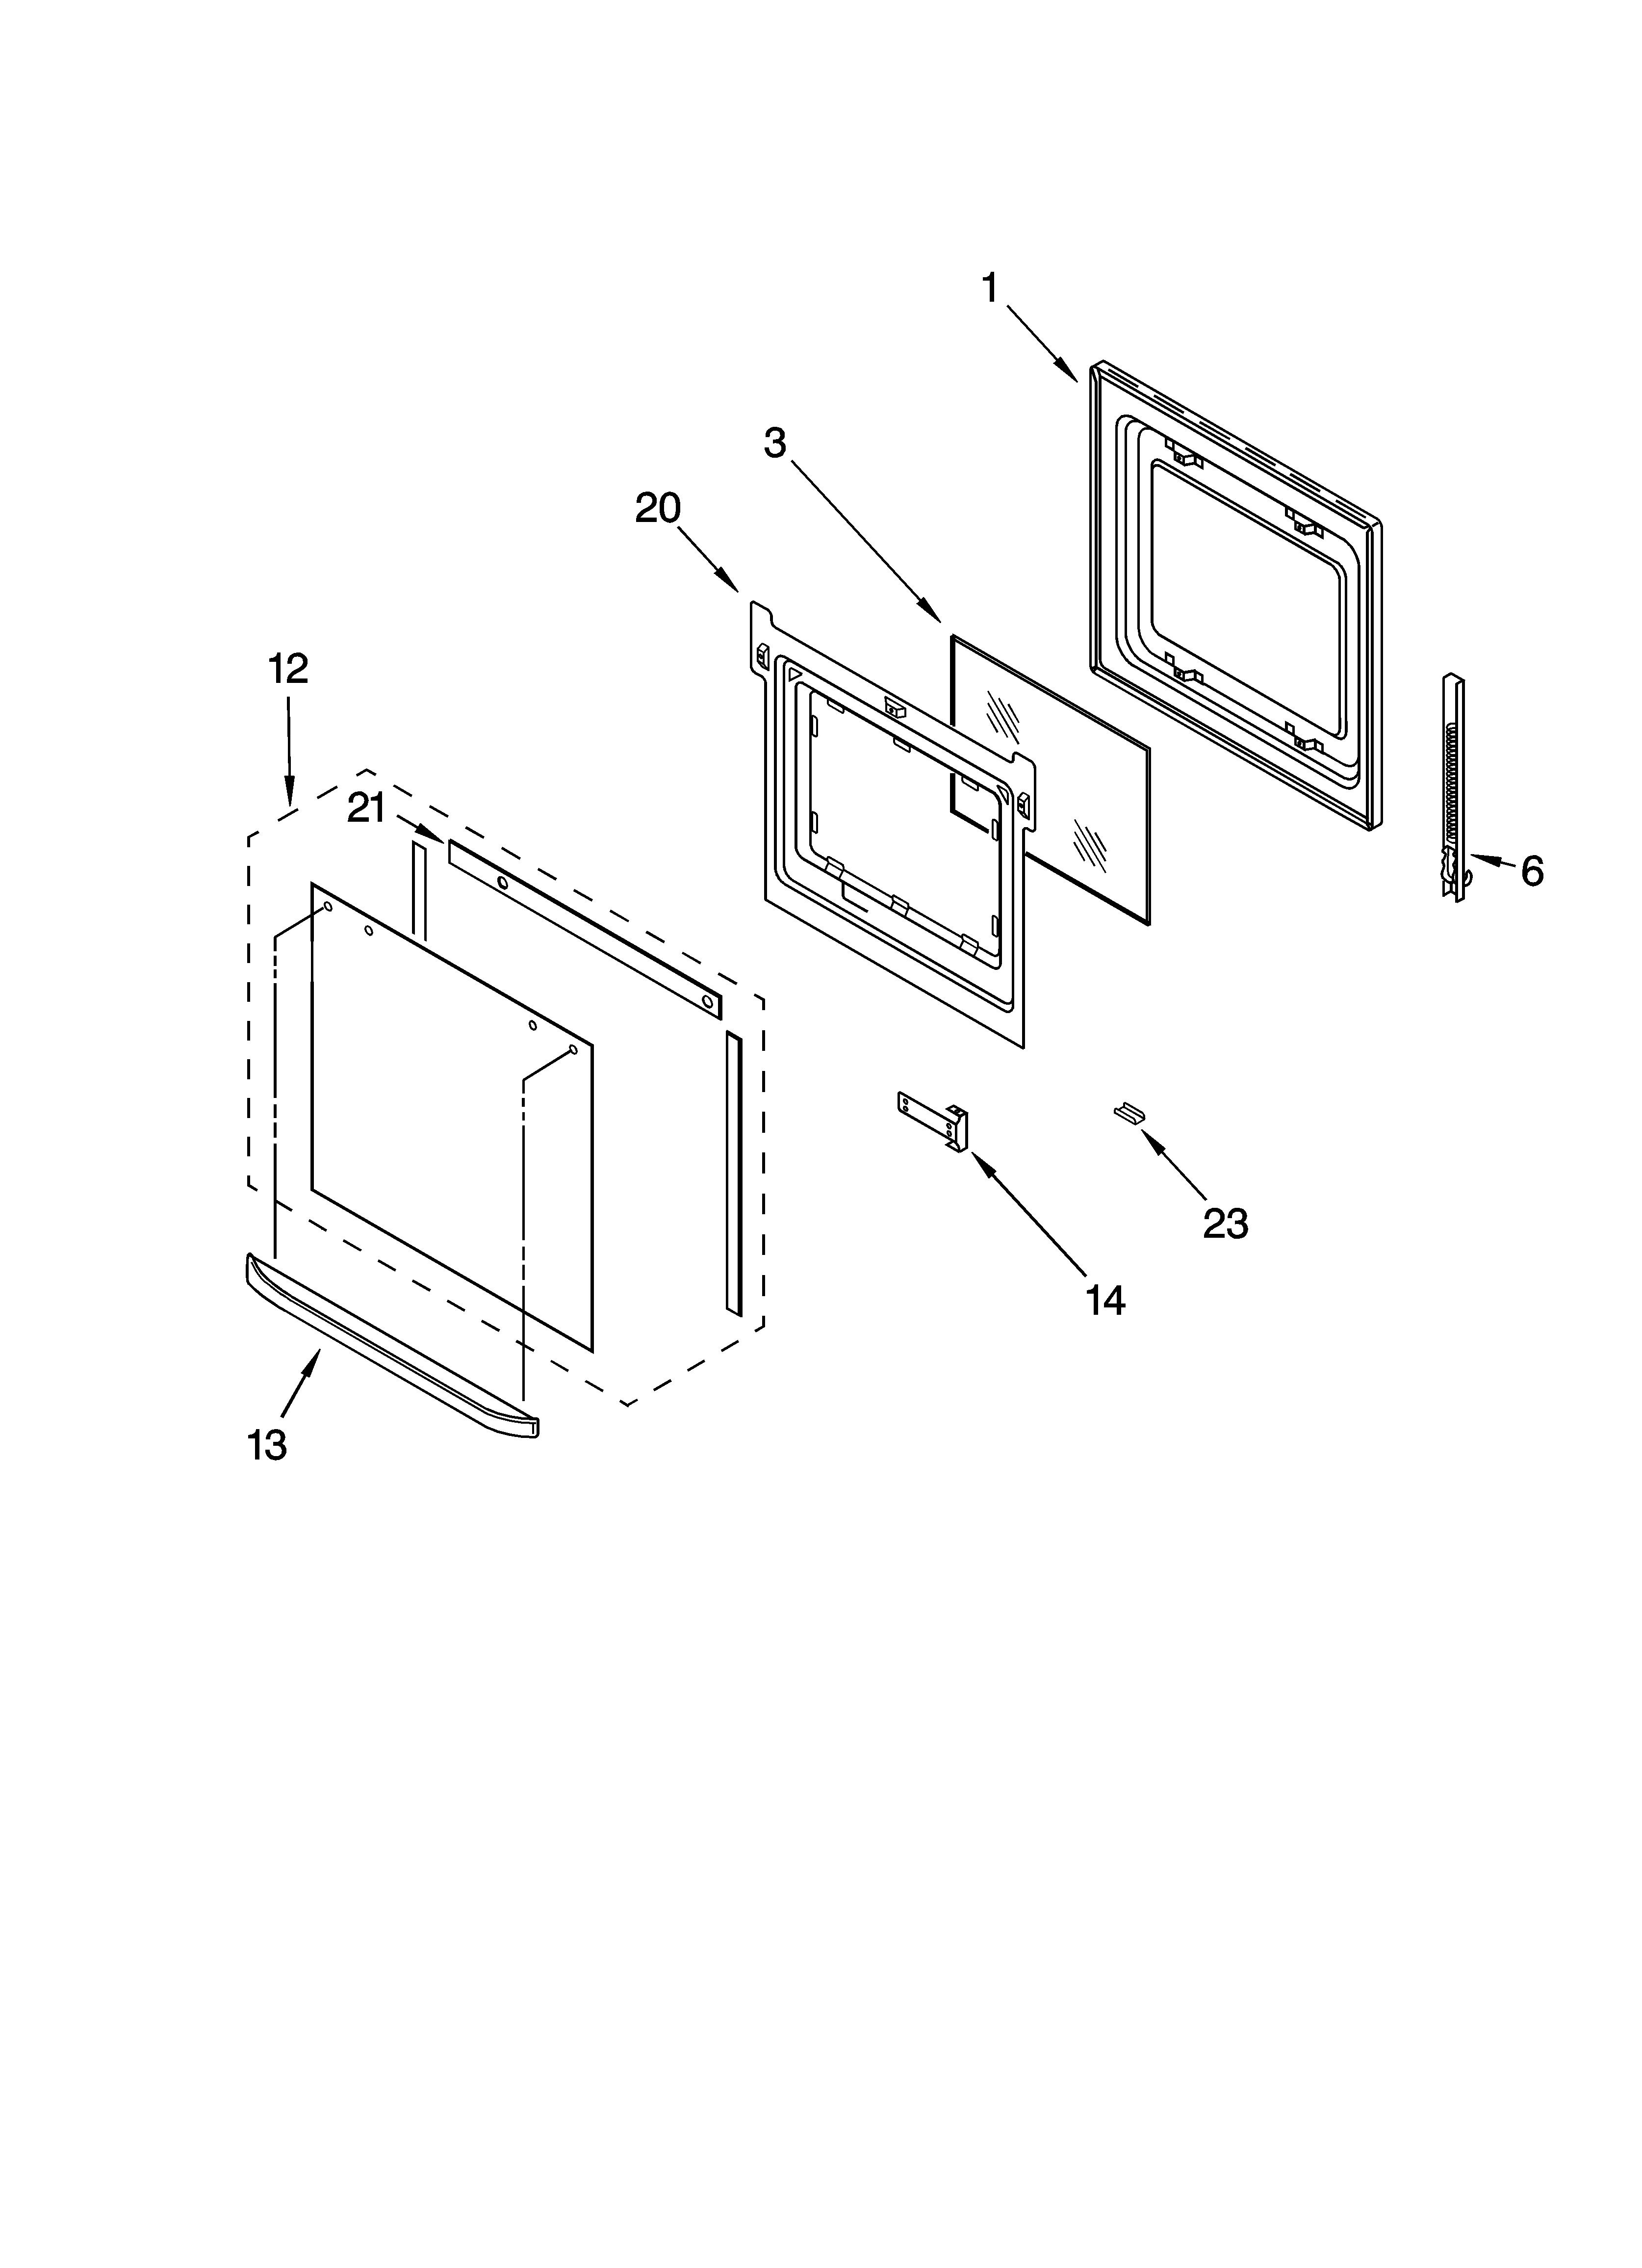 whirlpool wall oven repair manual